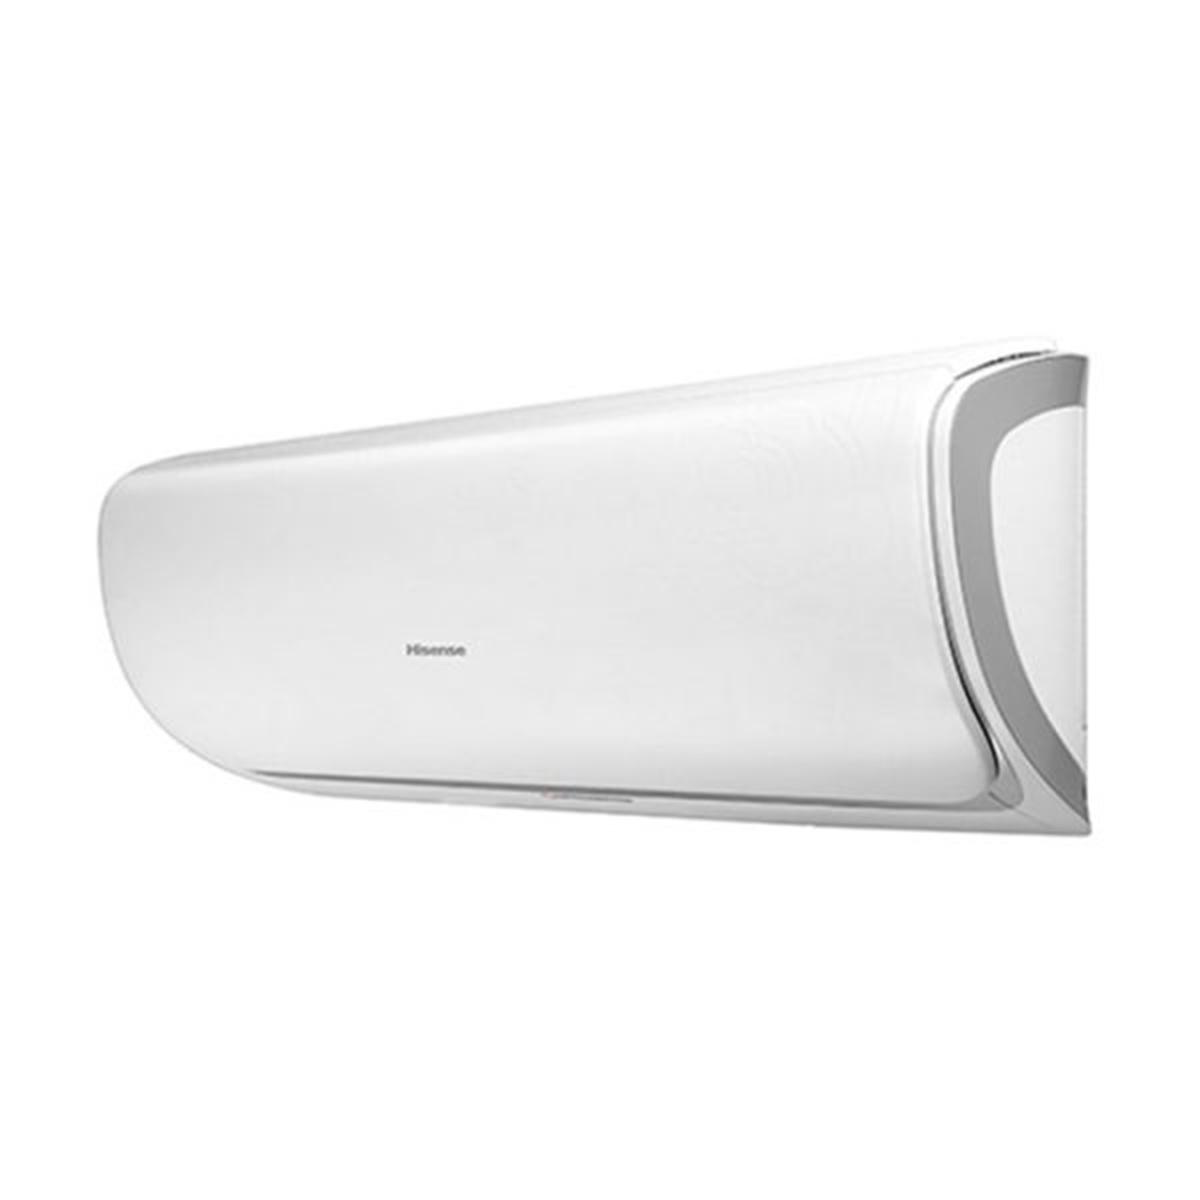 Aparat de aer conditionat tip split Hisense Silentium, Inverter, R32, A+++, Wifi inclus 23